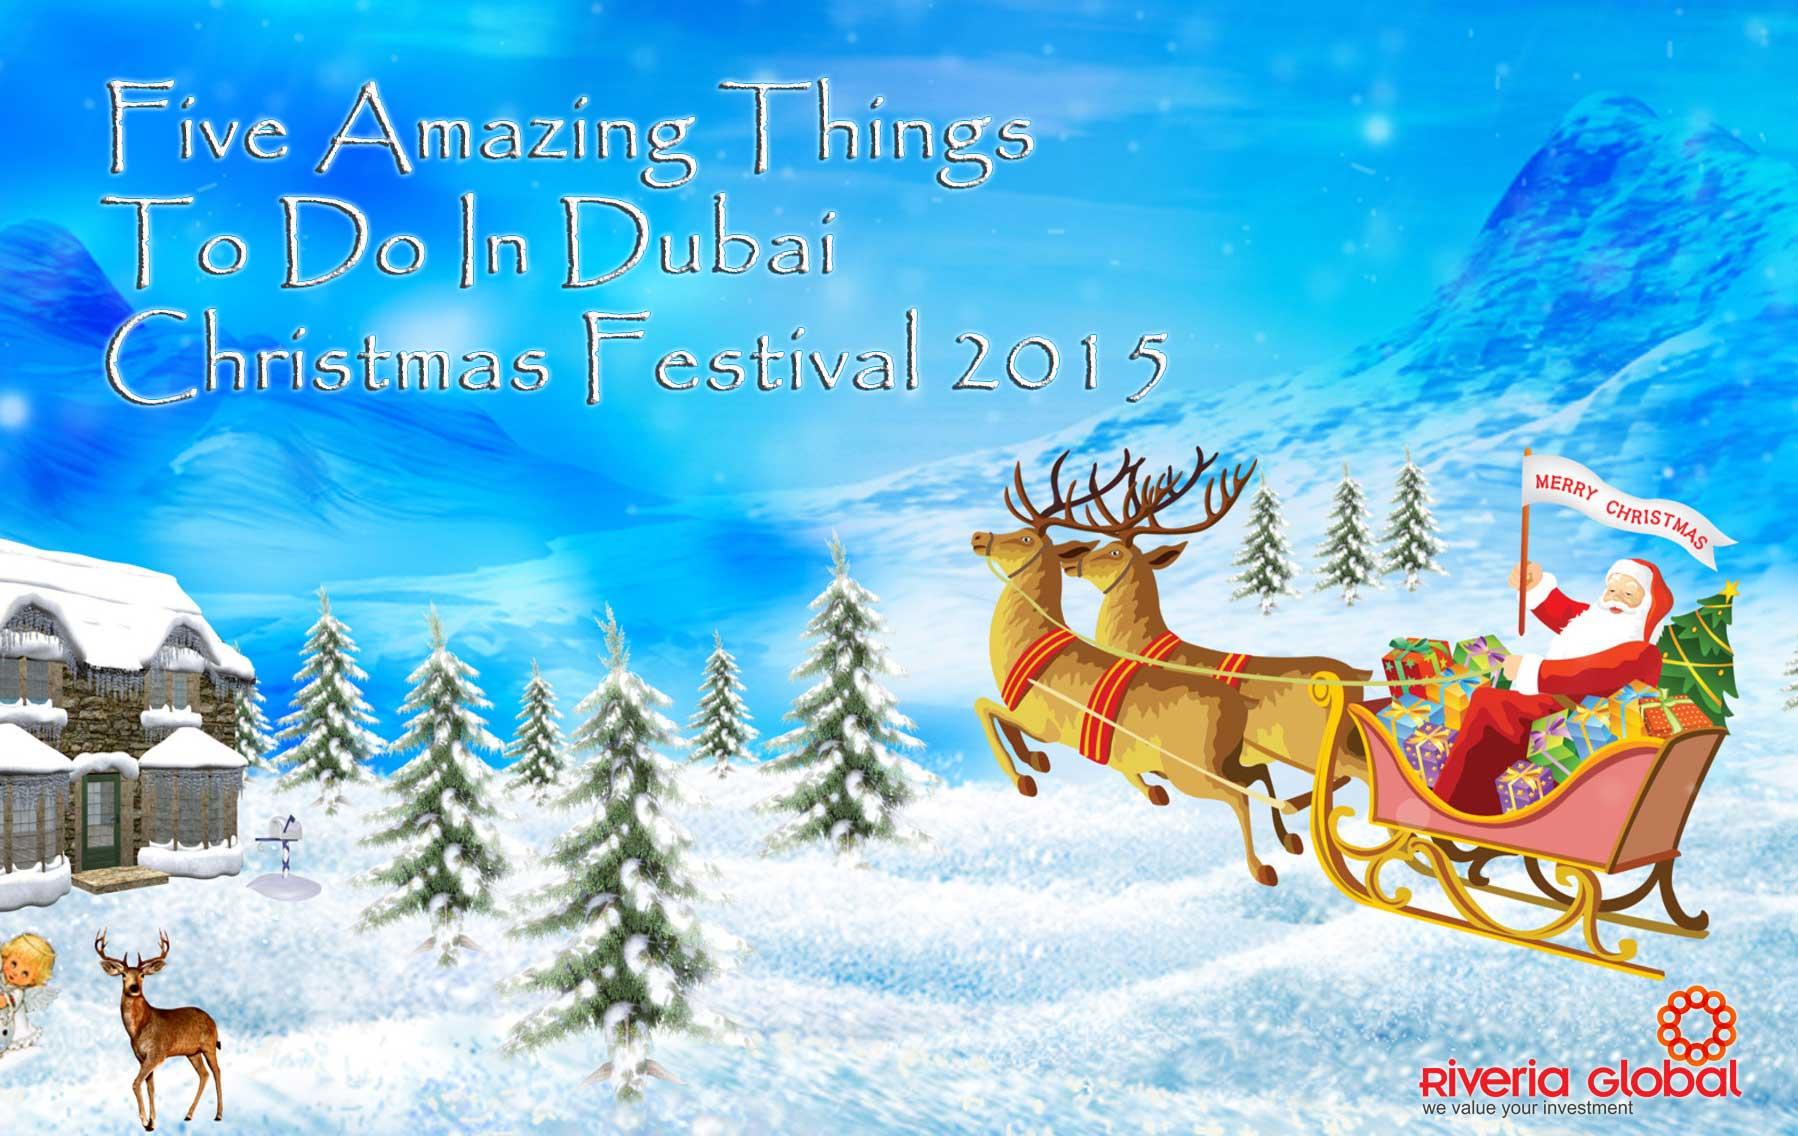 christmas-festival-dubai-